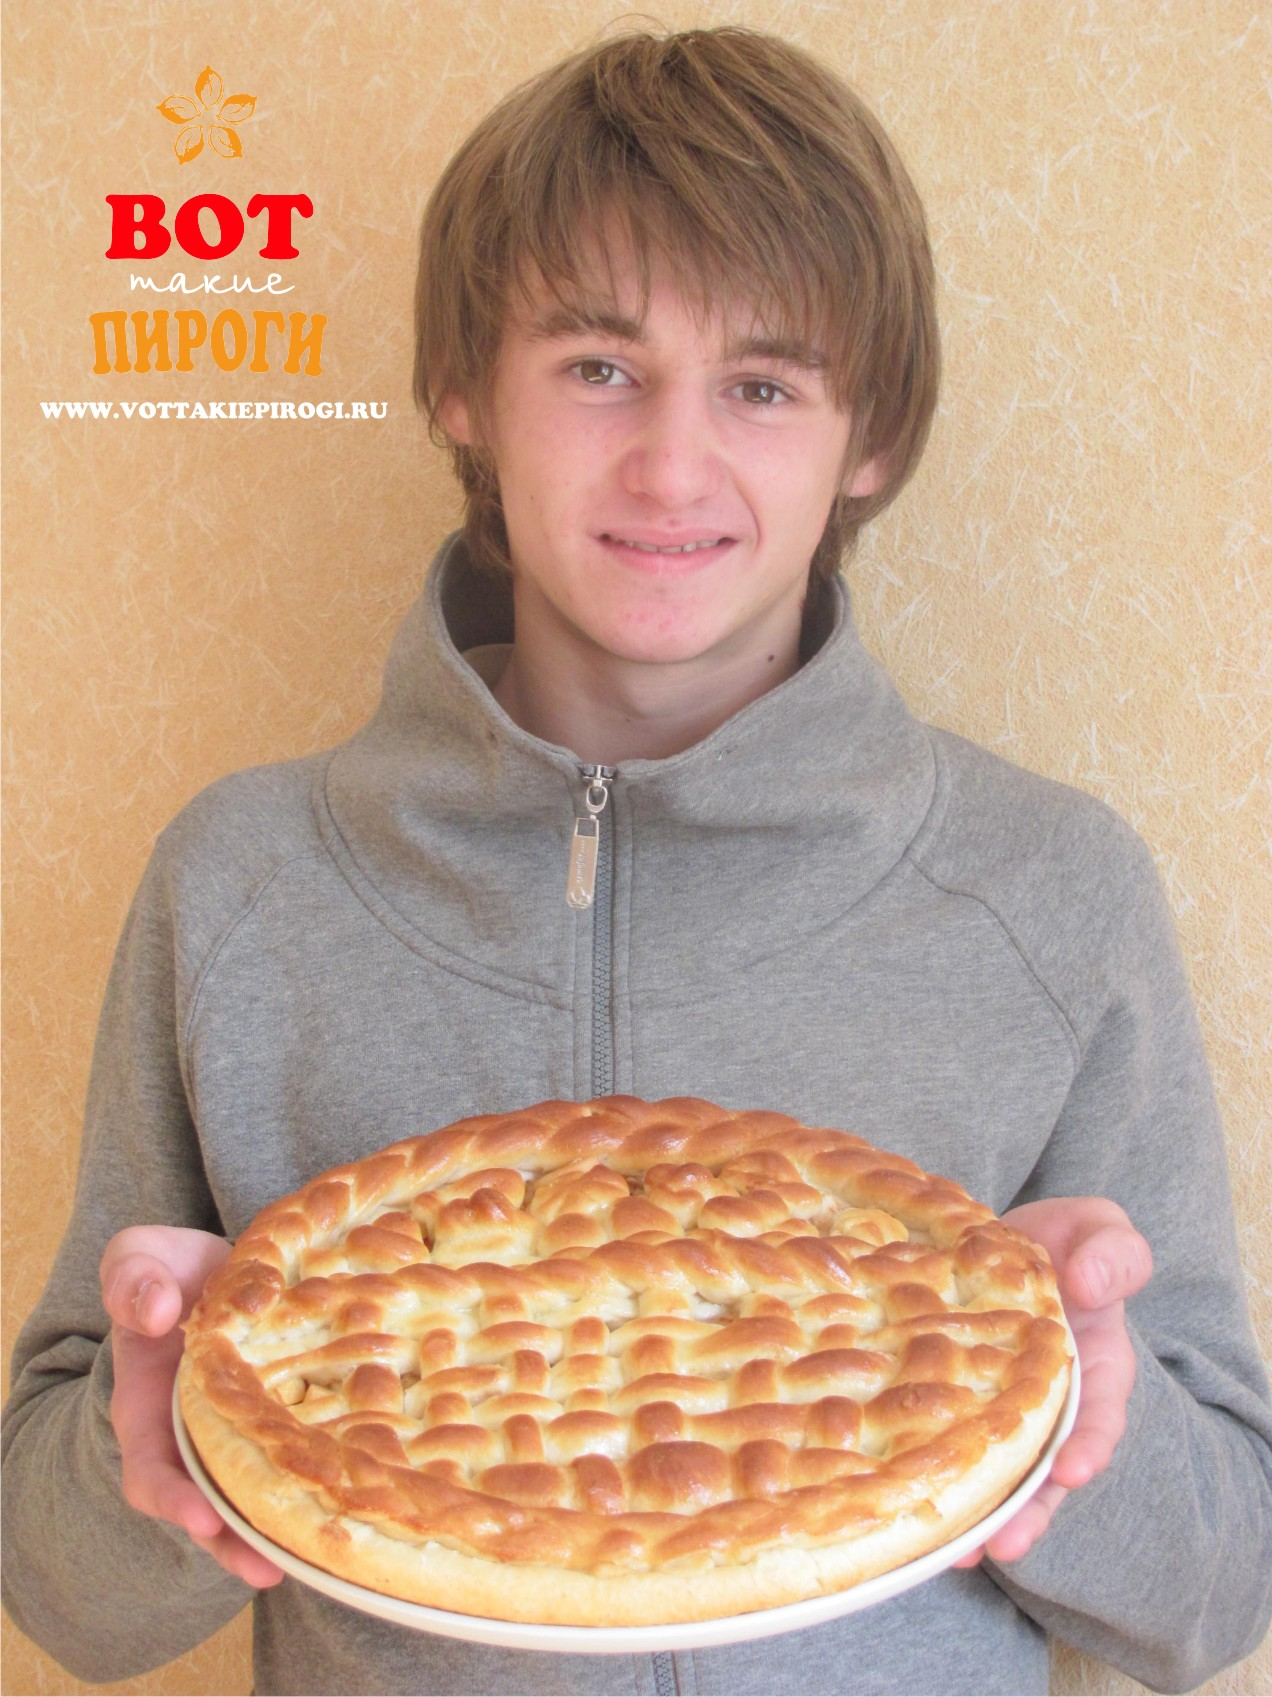 Артем с пирогом